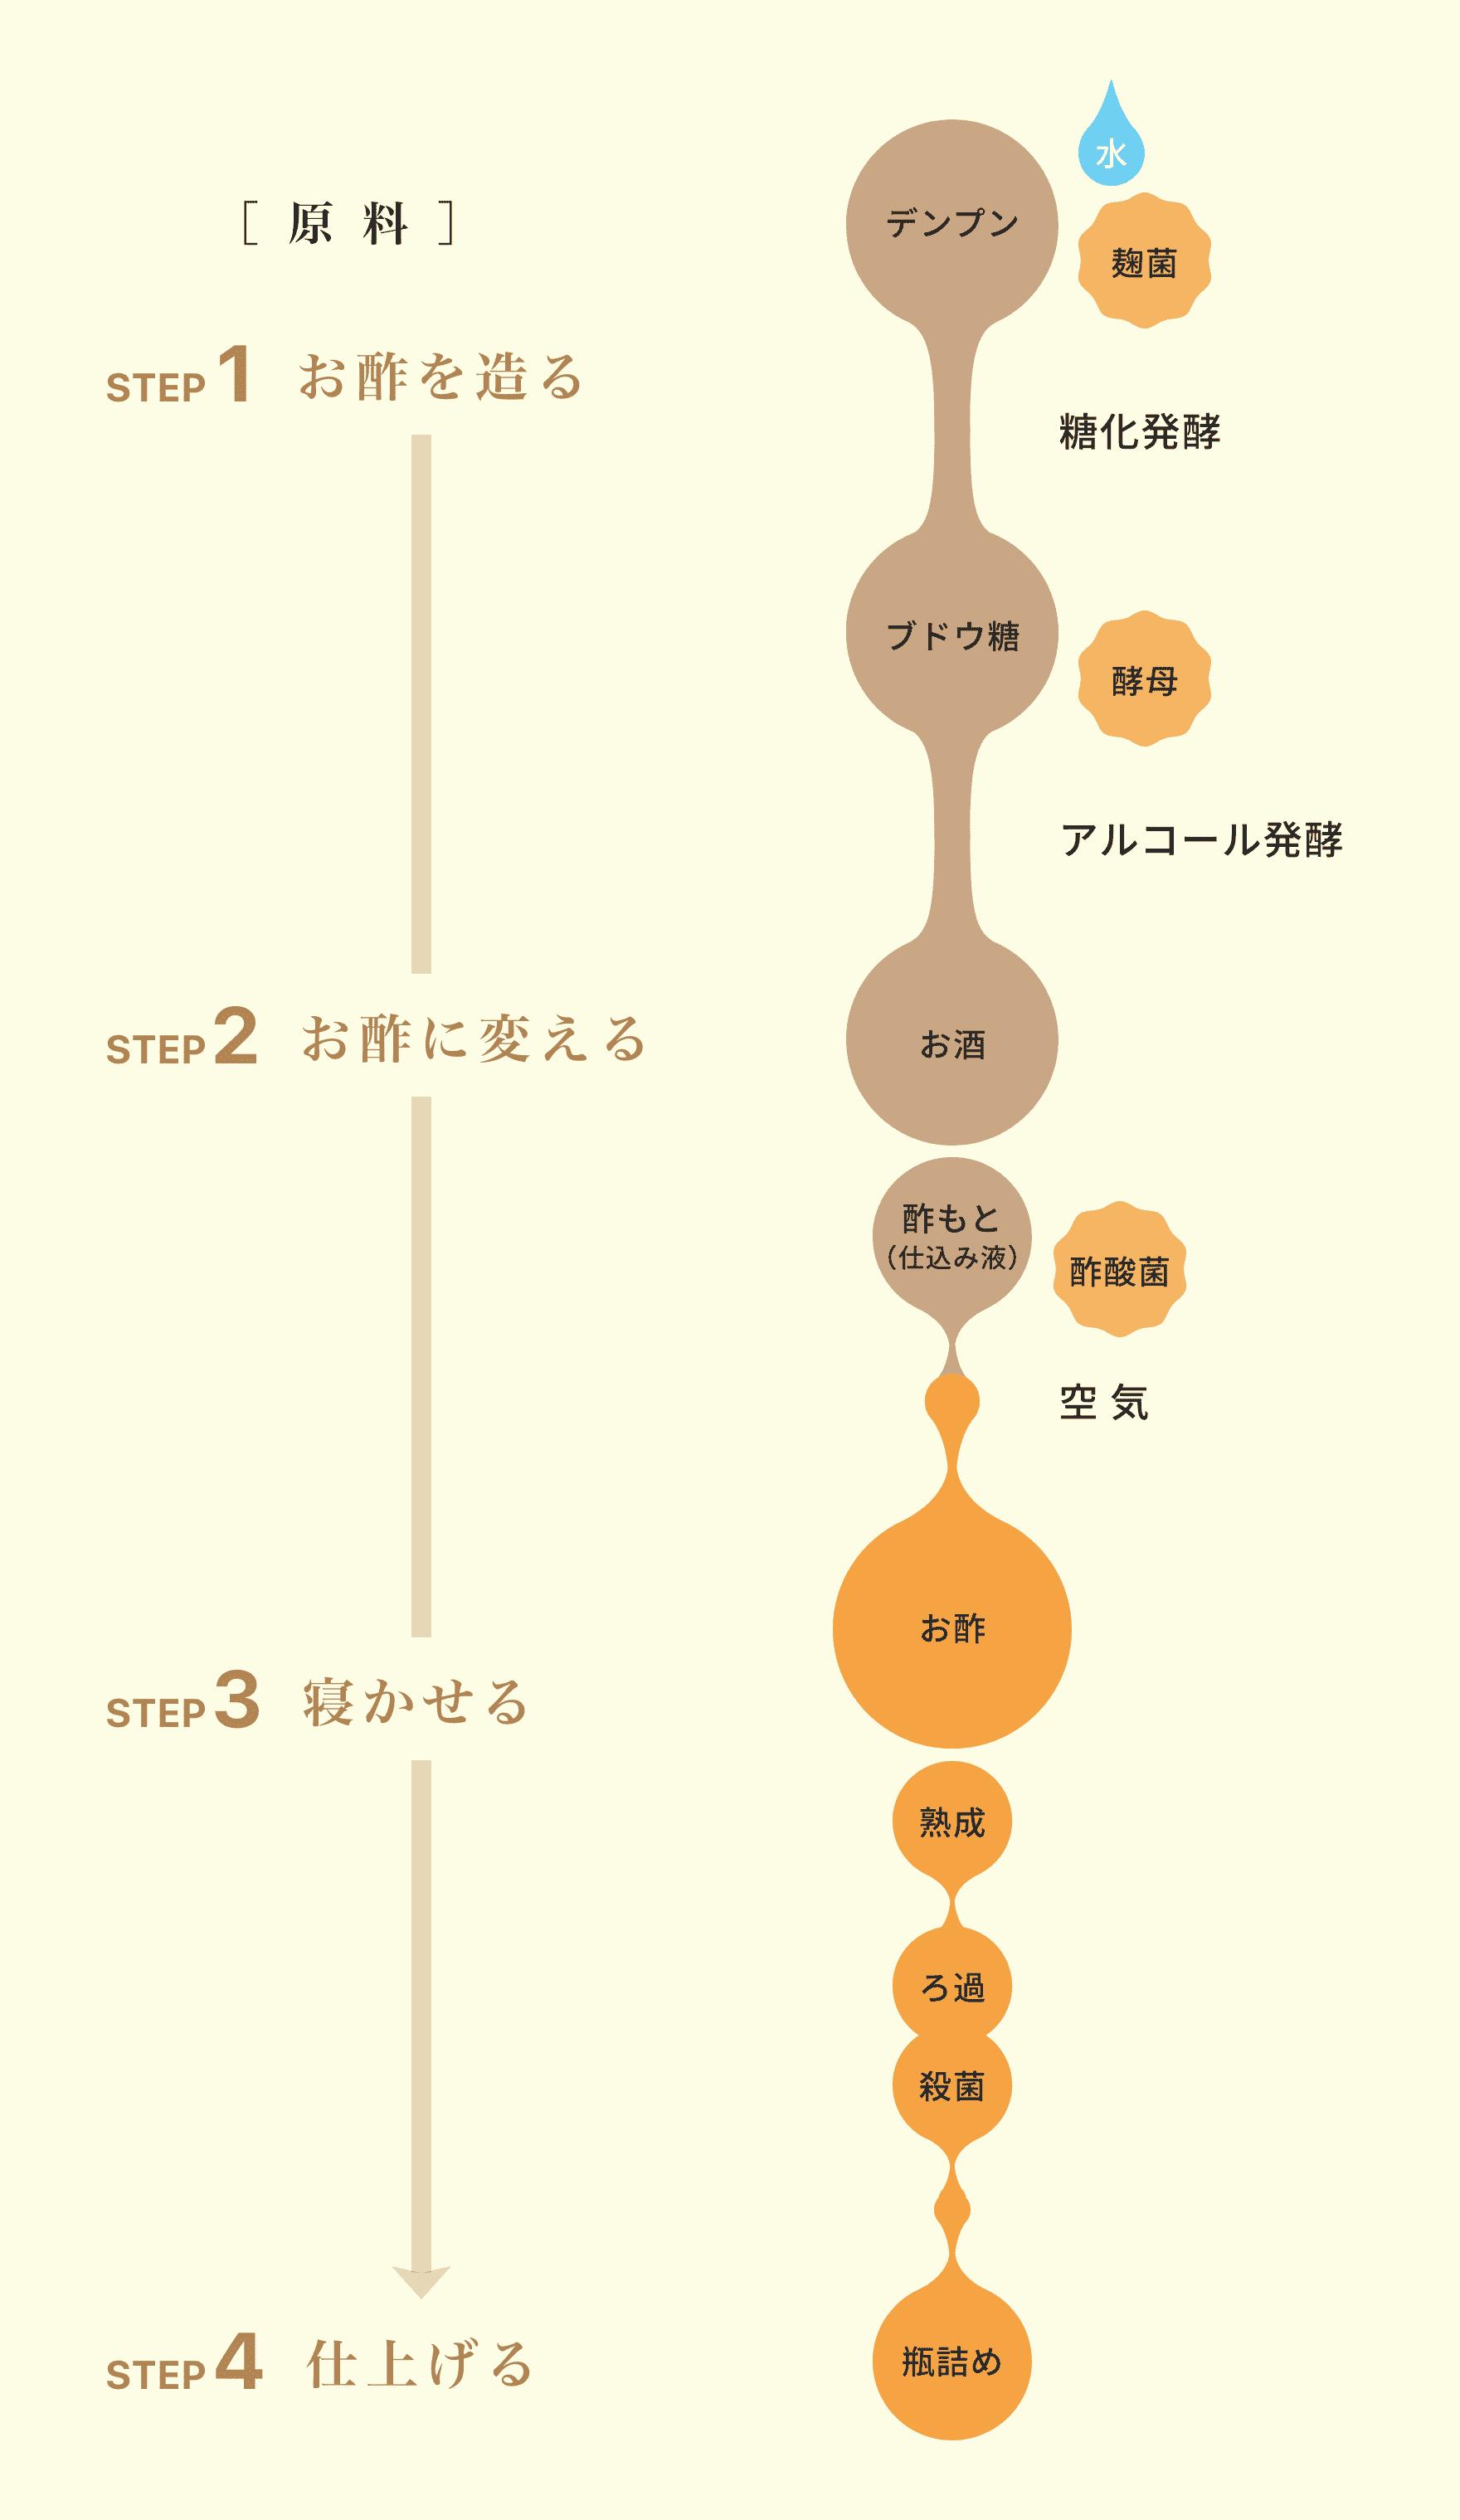 図_お酢ができるまでの工程表